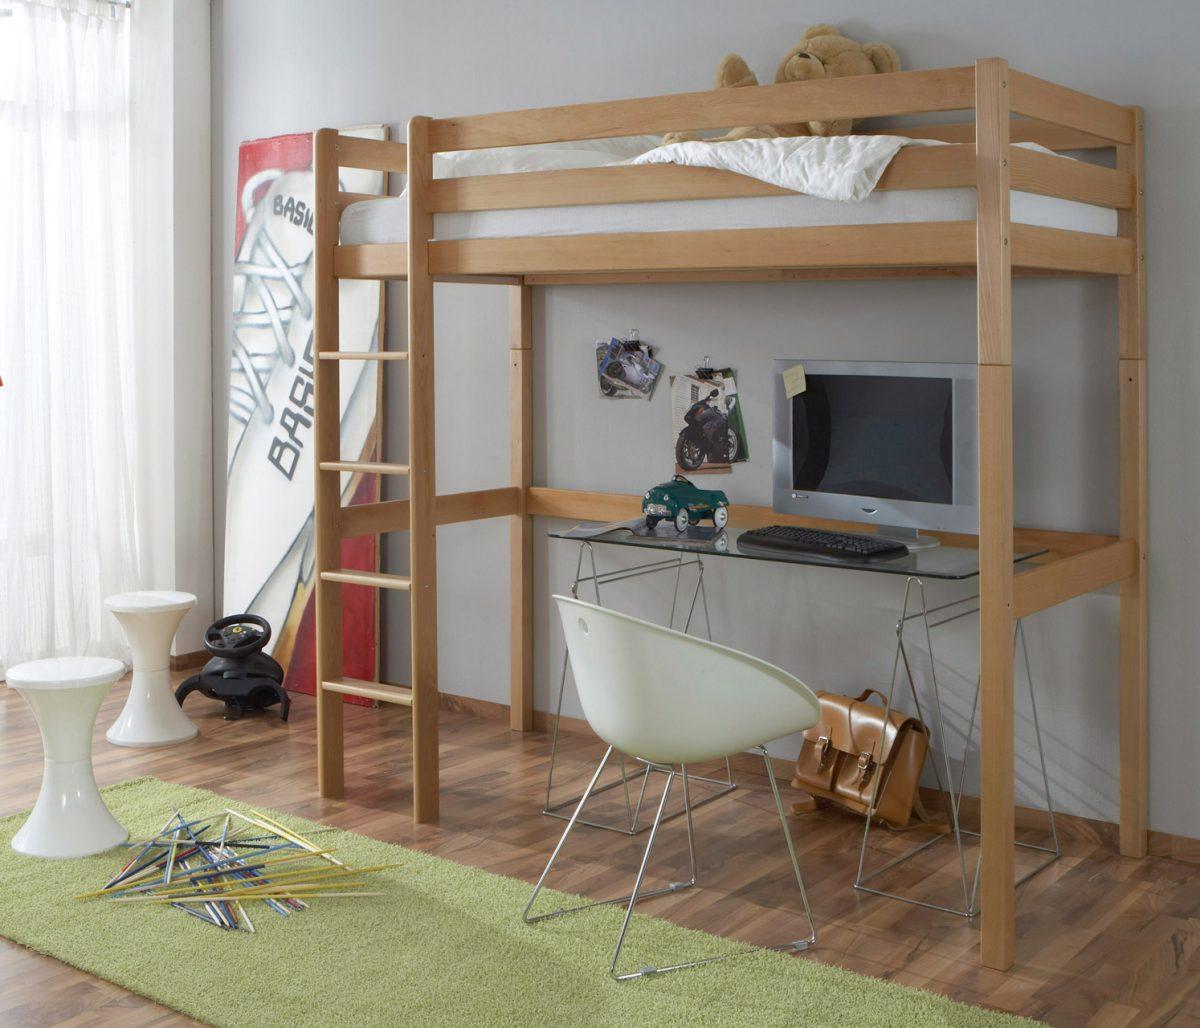 Hochbett kinder design  Kinder- / Jugend-Hochbett